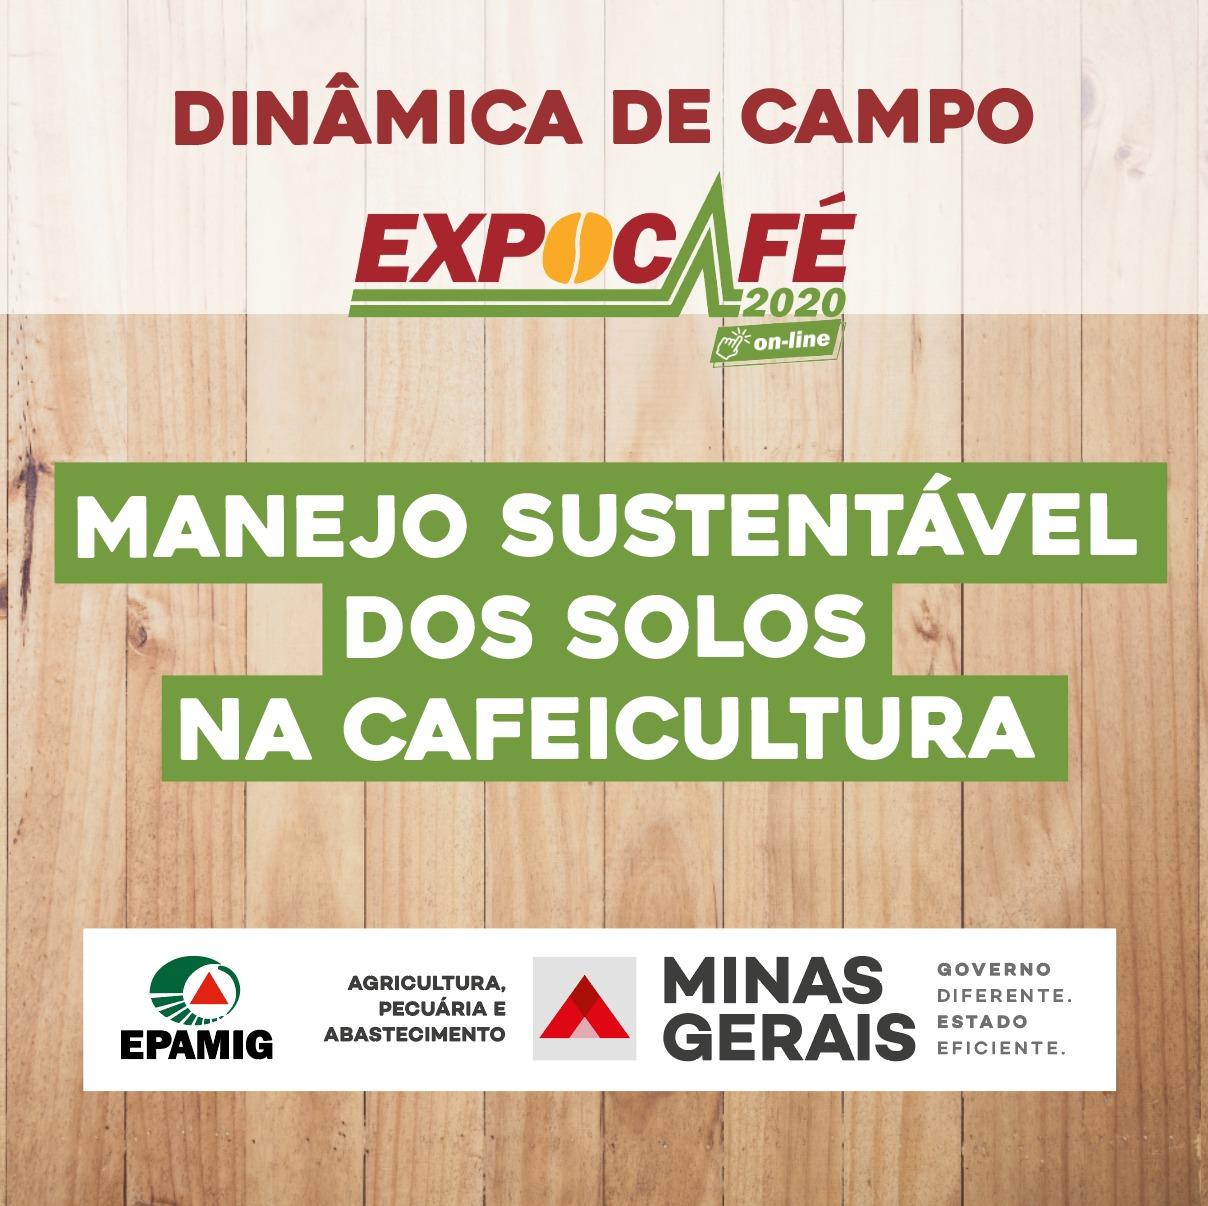 Manejo sustentável dos solos na cafeicultura